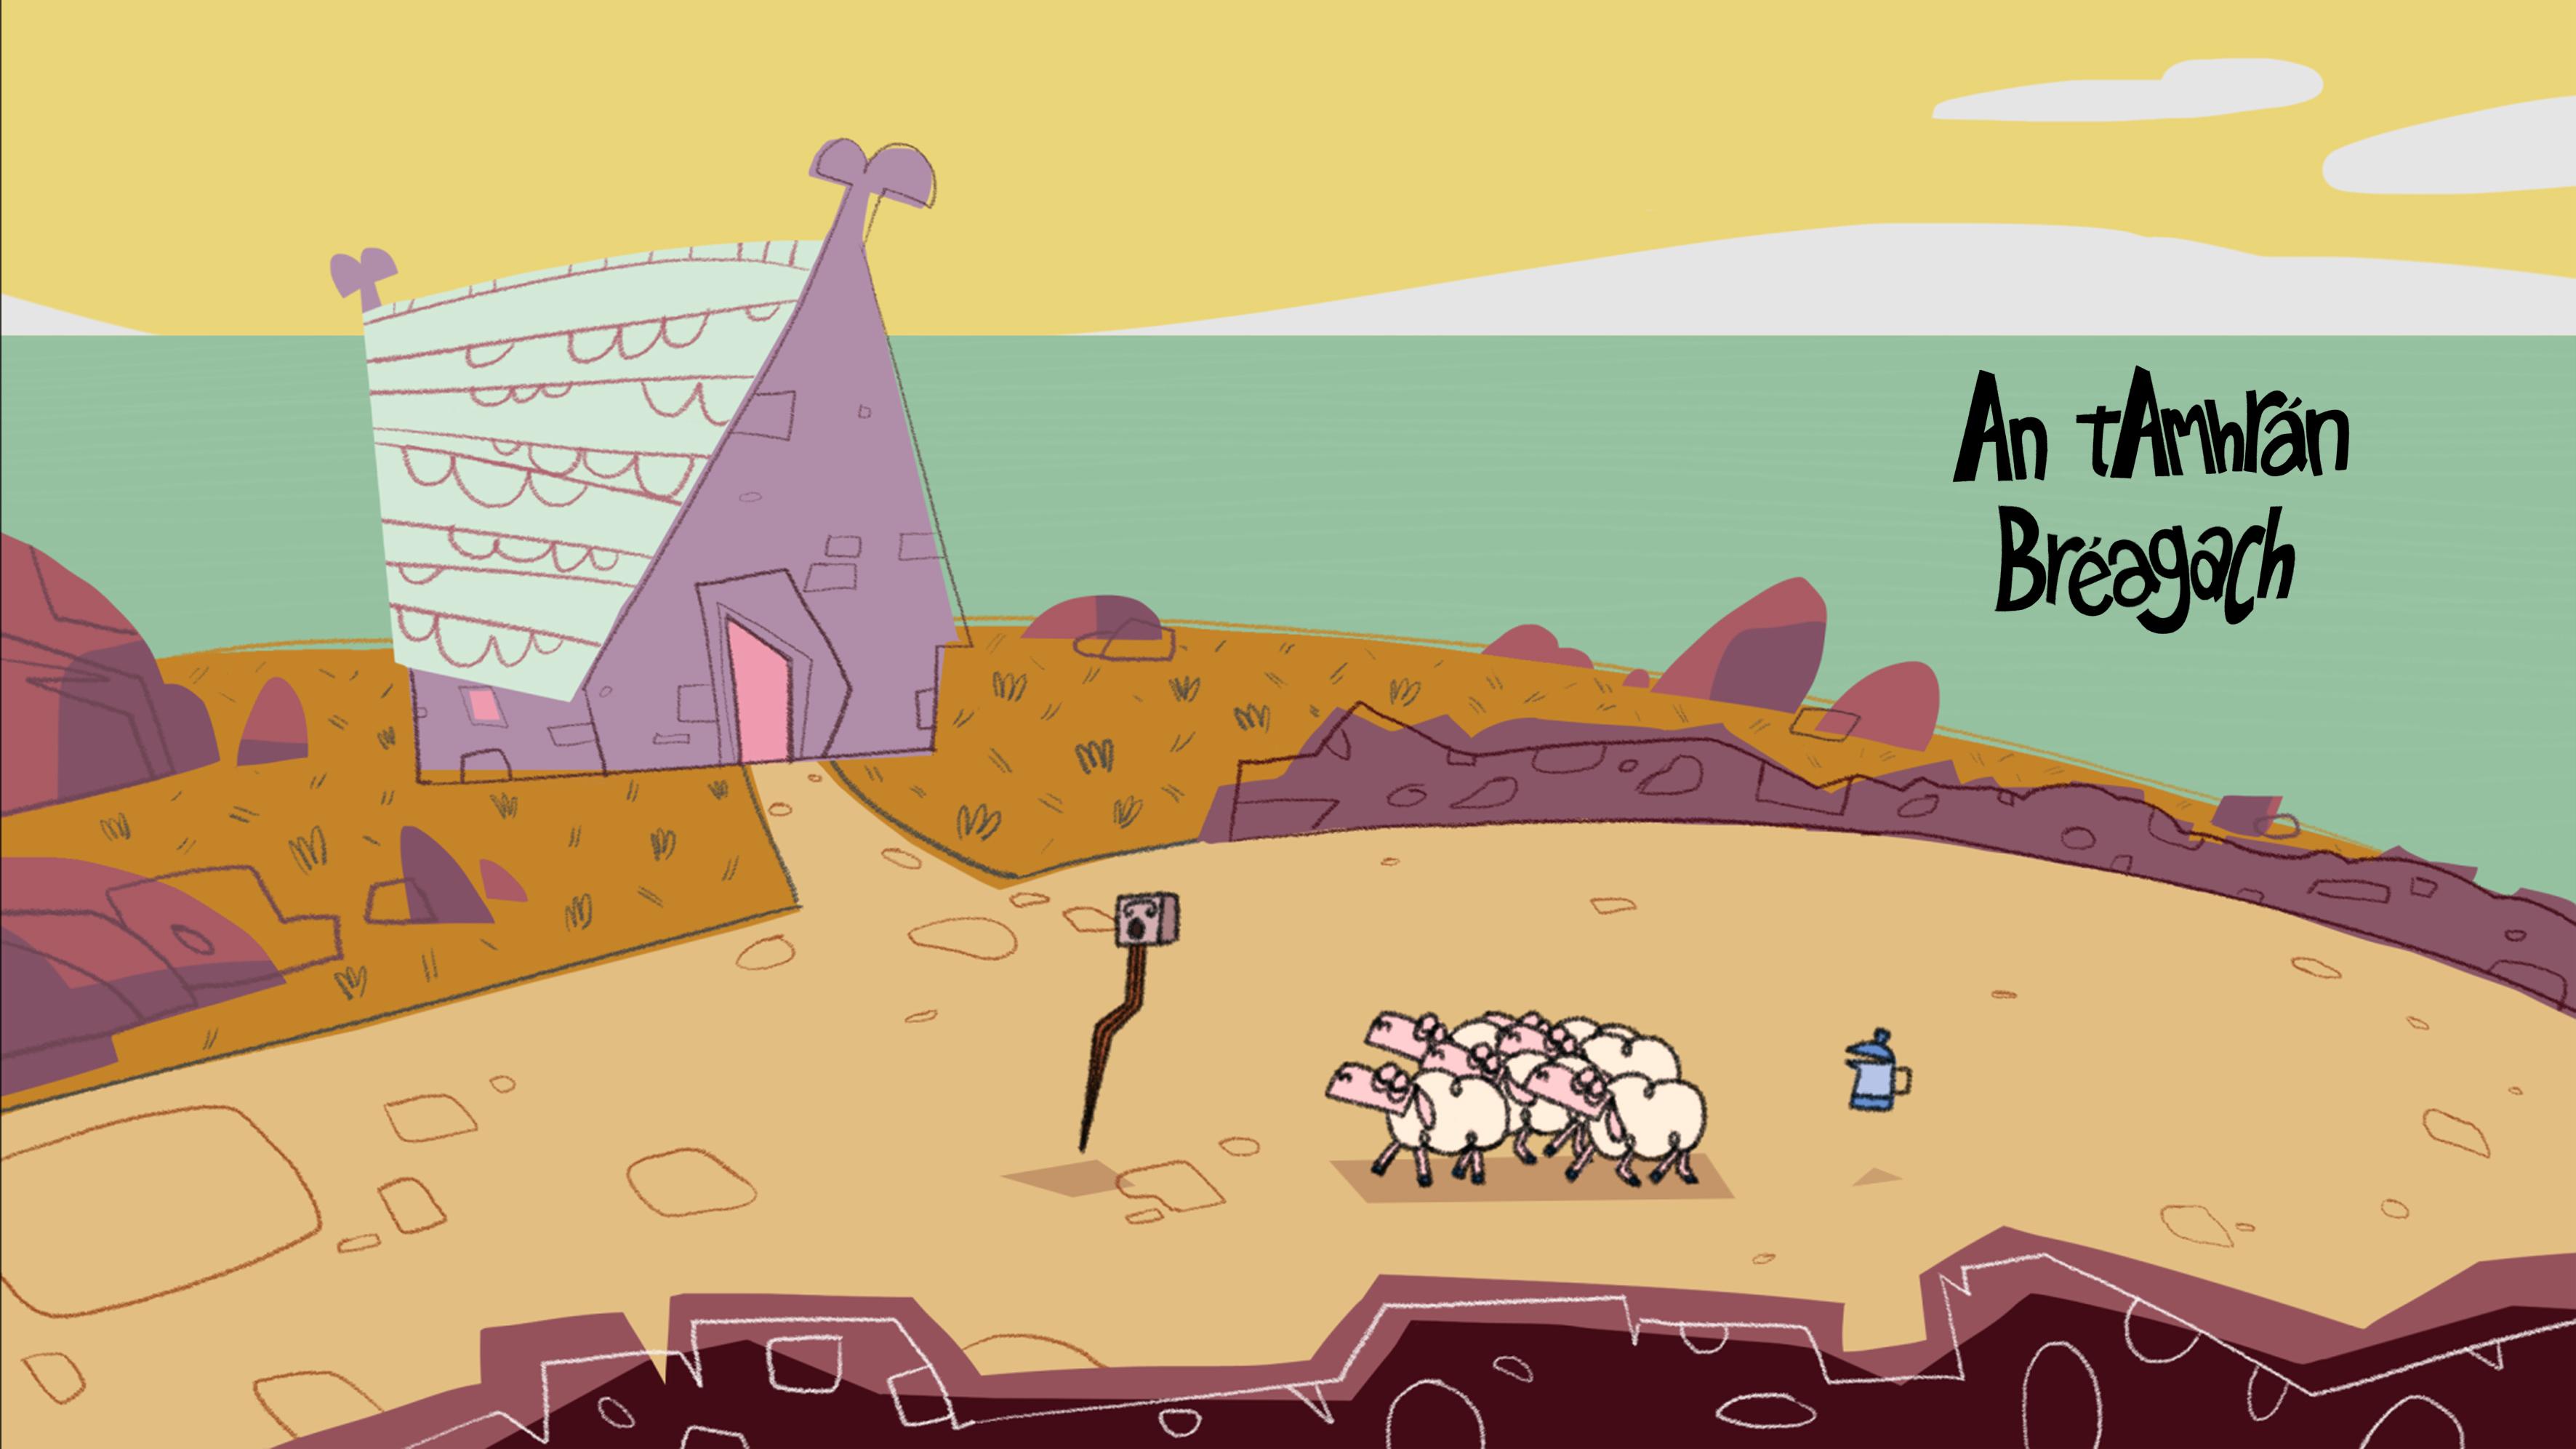 Cul an Ti animated television series An tAmhran Breagach